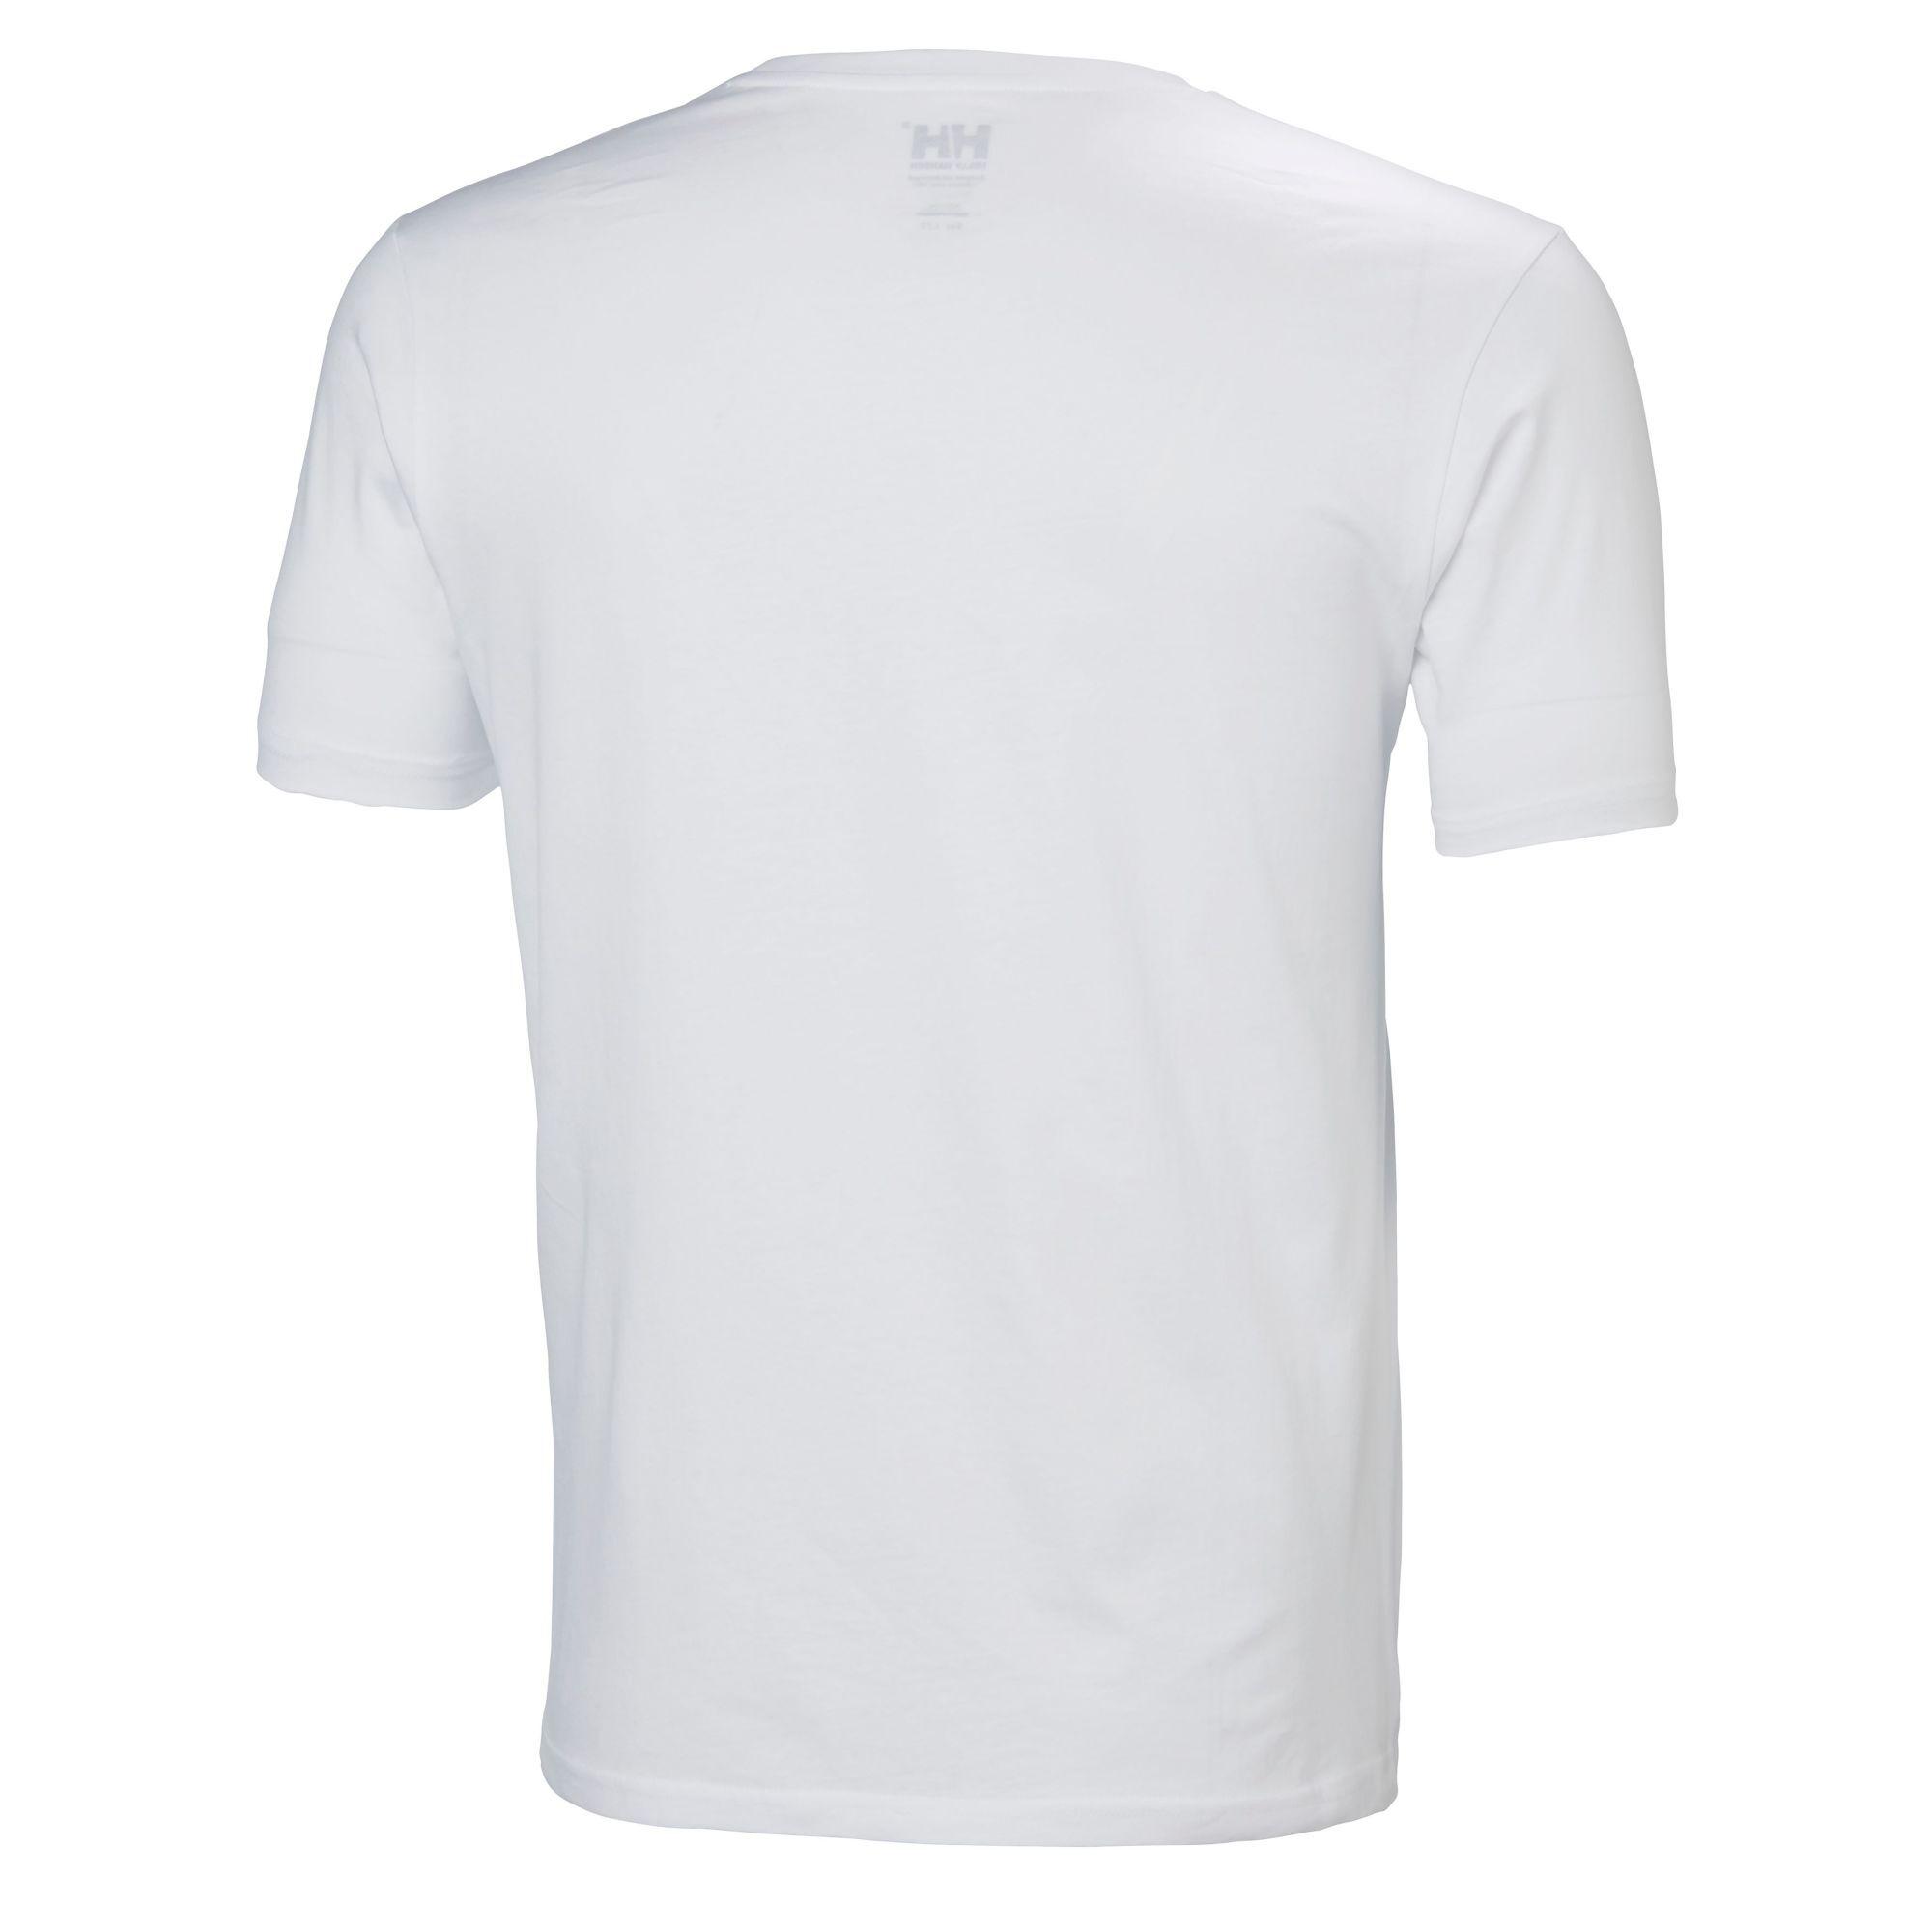 Svart T skjorte dame Not noRmal hvit trykk foran & bak Kr